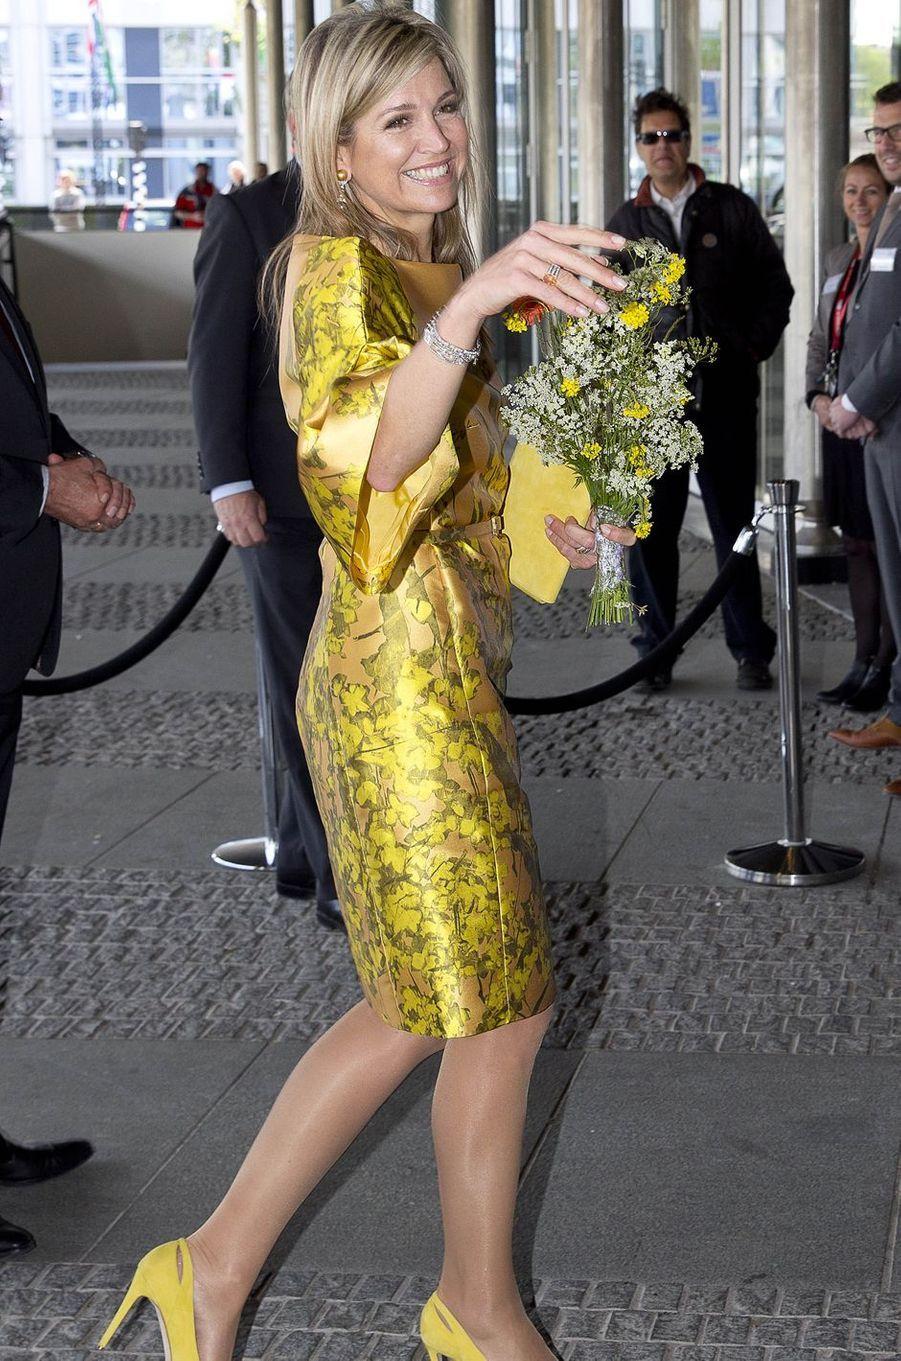 Ce mardi 17 mai, jour de ses 45 ans, la reine Maxima des Pays-Bas était rayonnante dans sa robe couleur soleil pour ouvrir un congrès à La Haye.